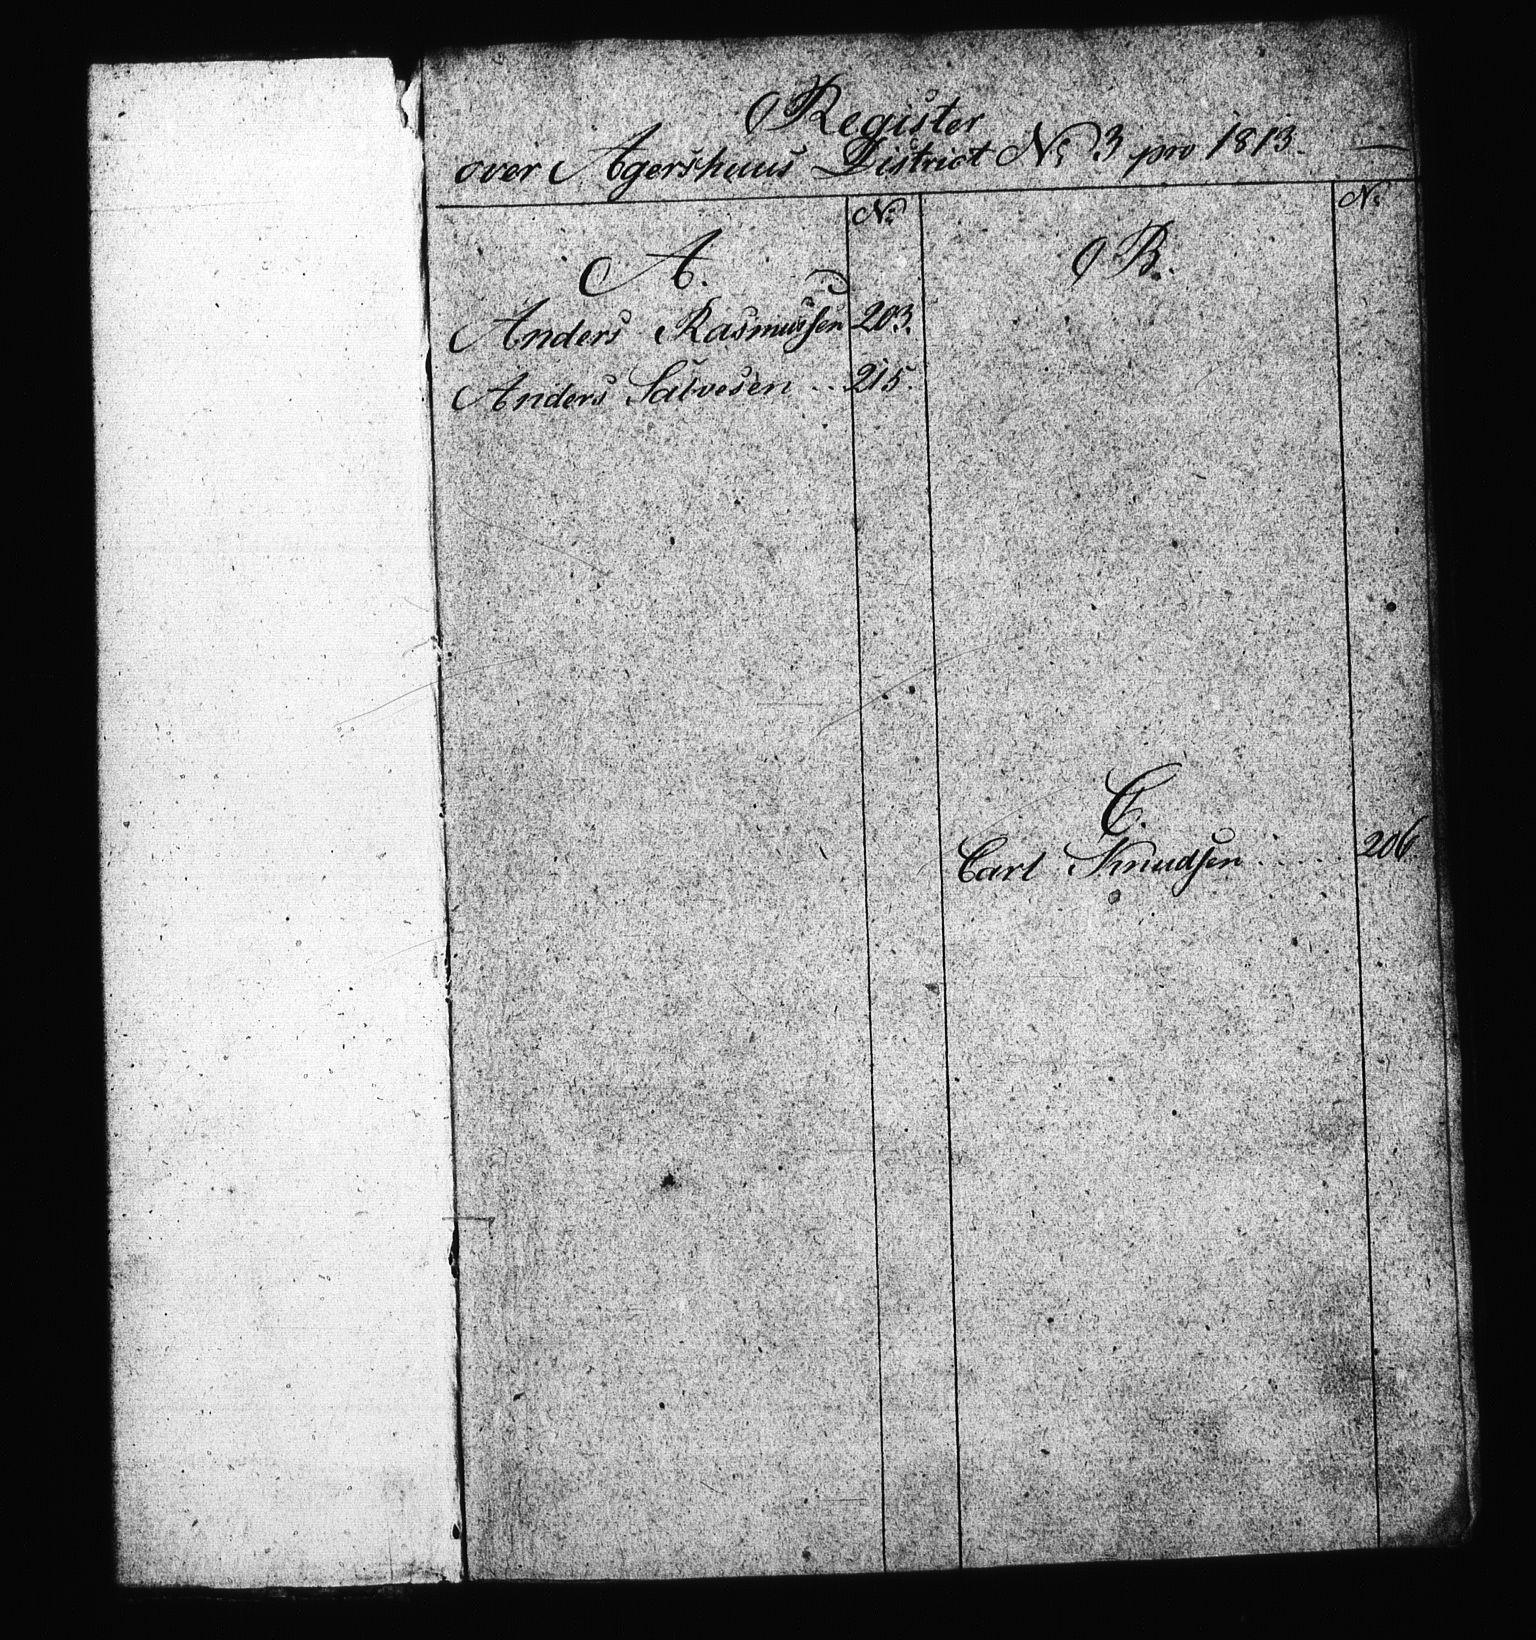 RA, Sjøetaten, F/L0007: Akershus distrikt, bind 3, 1813